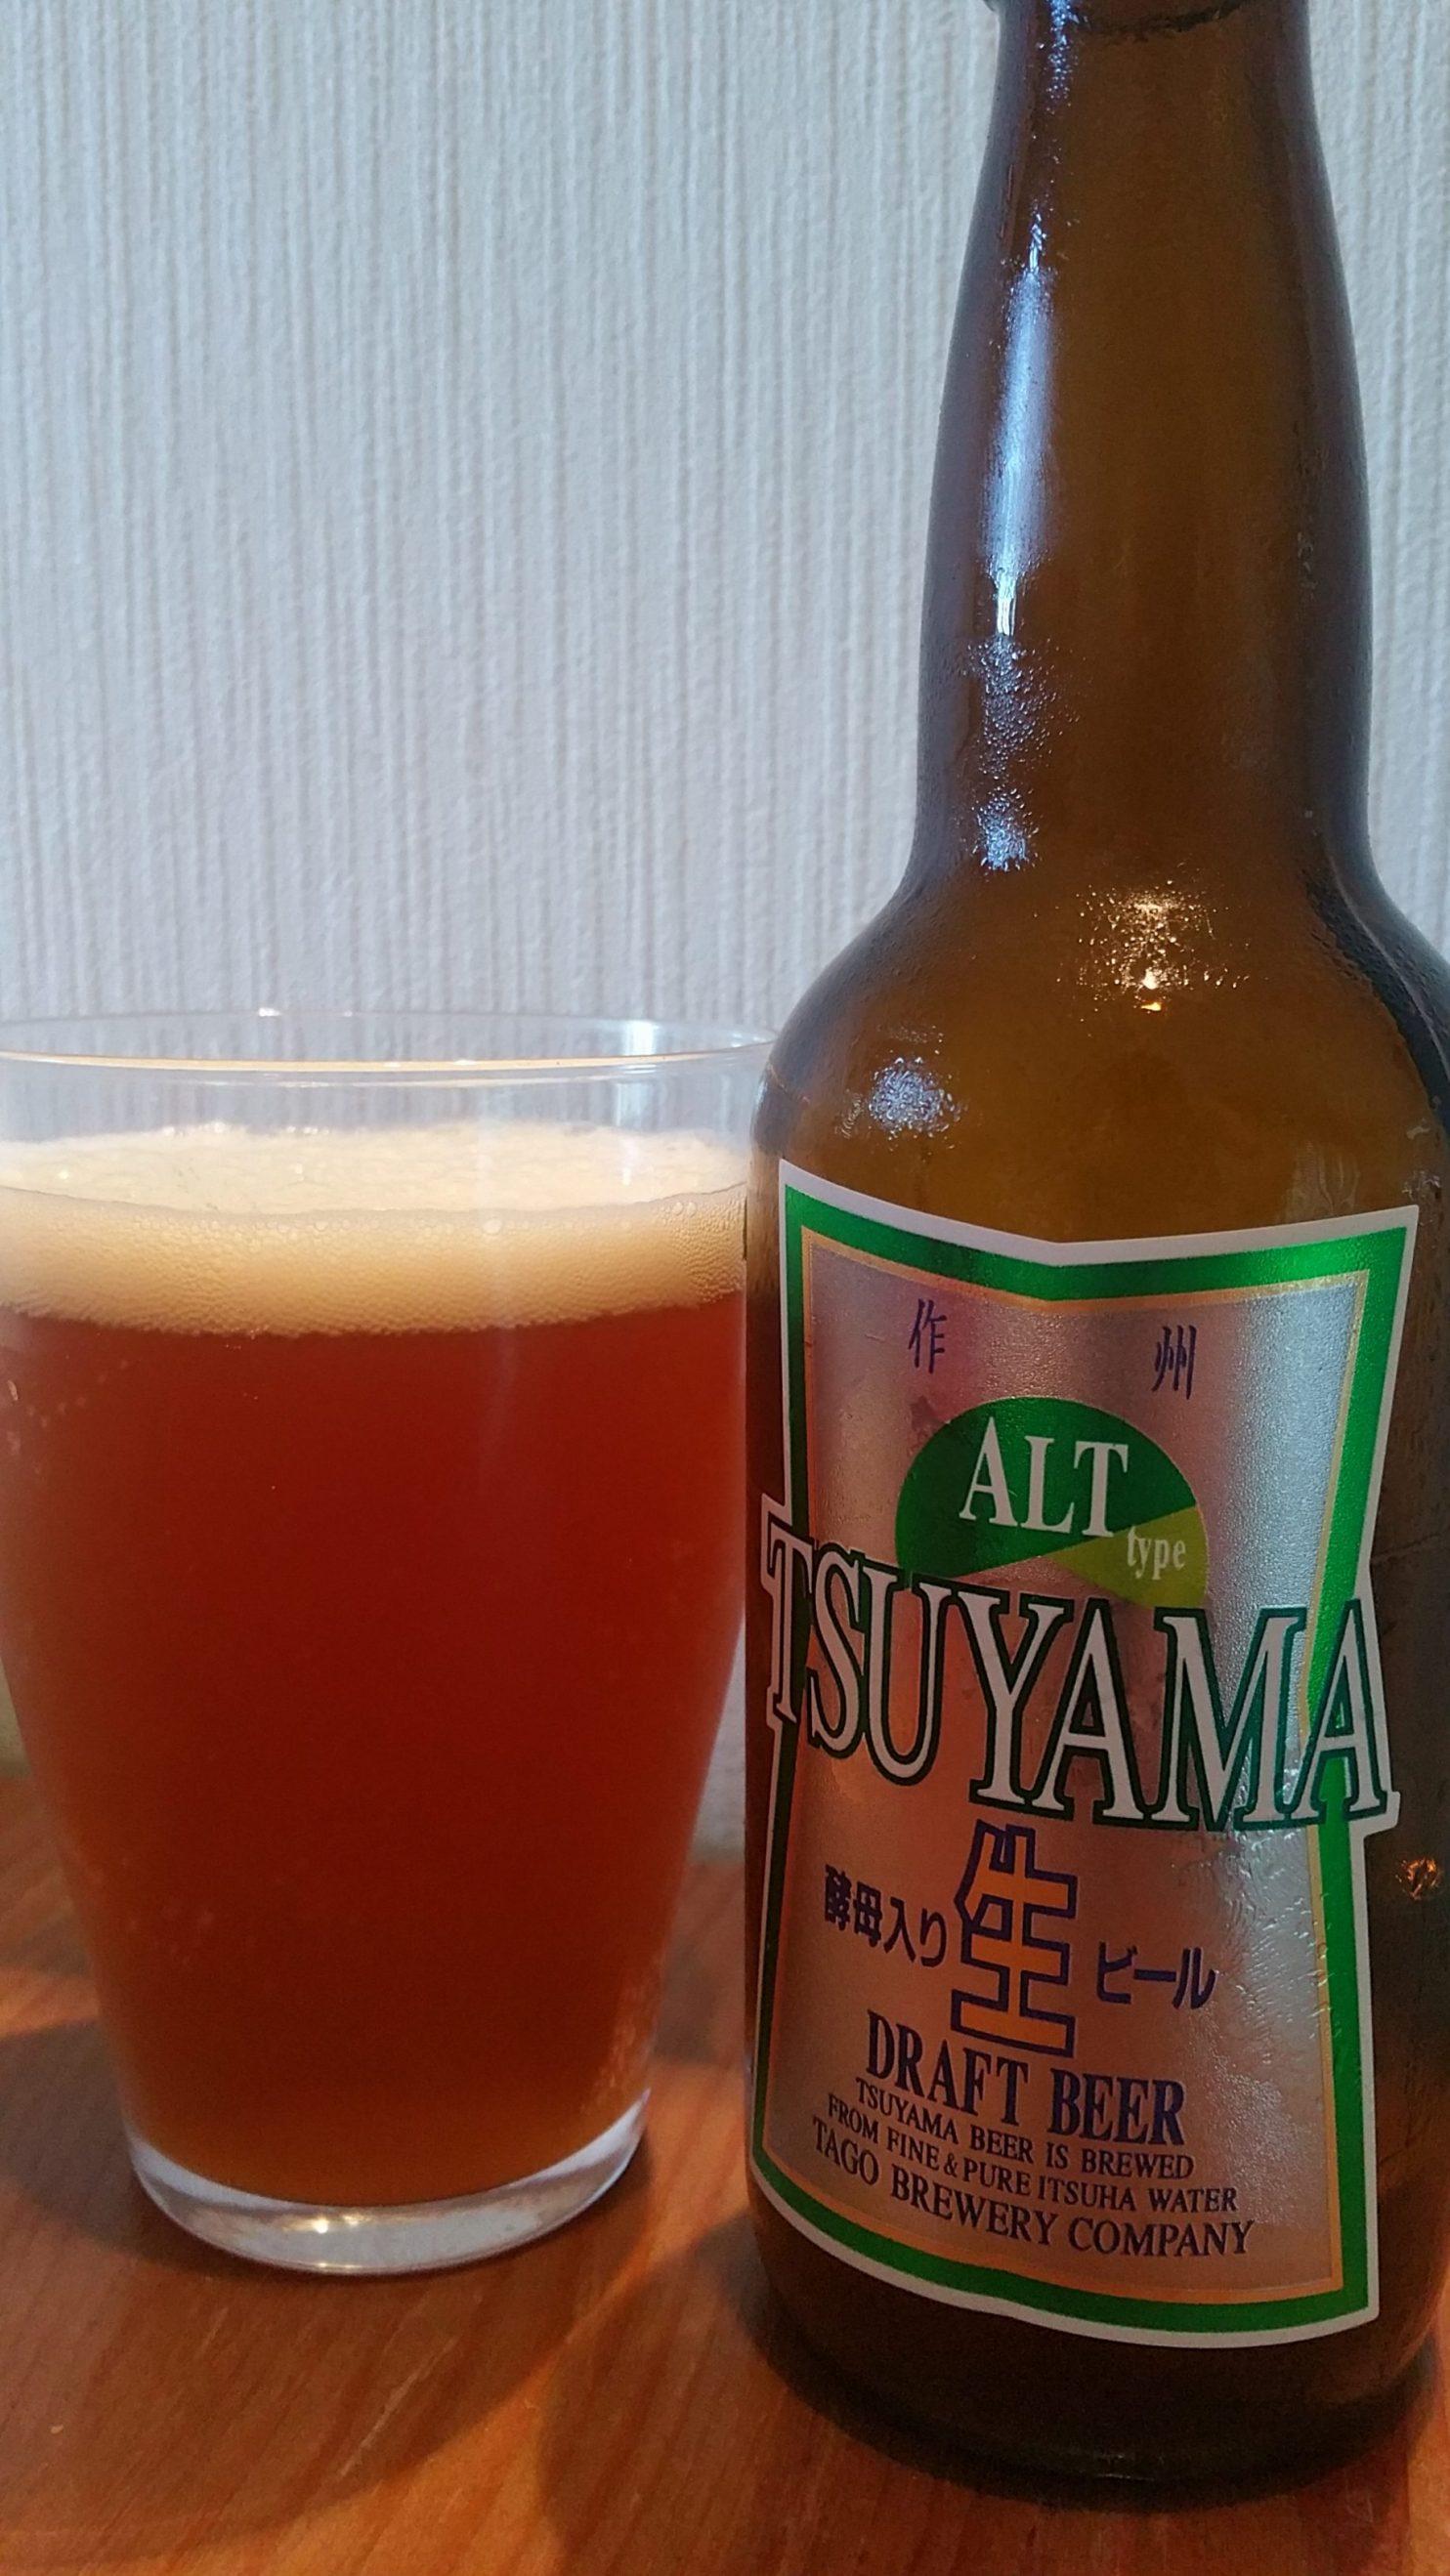 Tsuyama Alt / 津山アルト